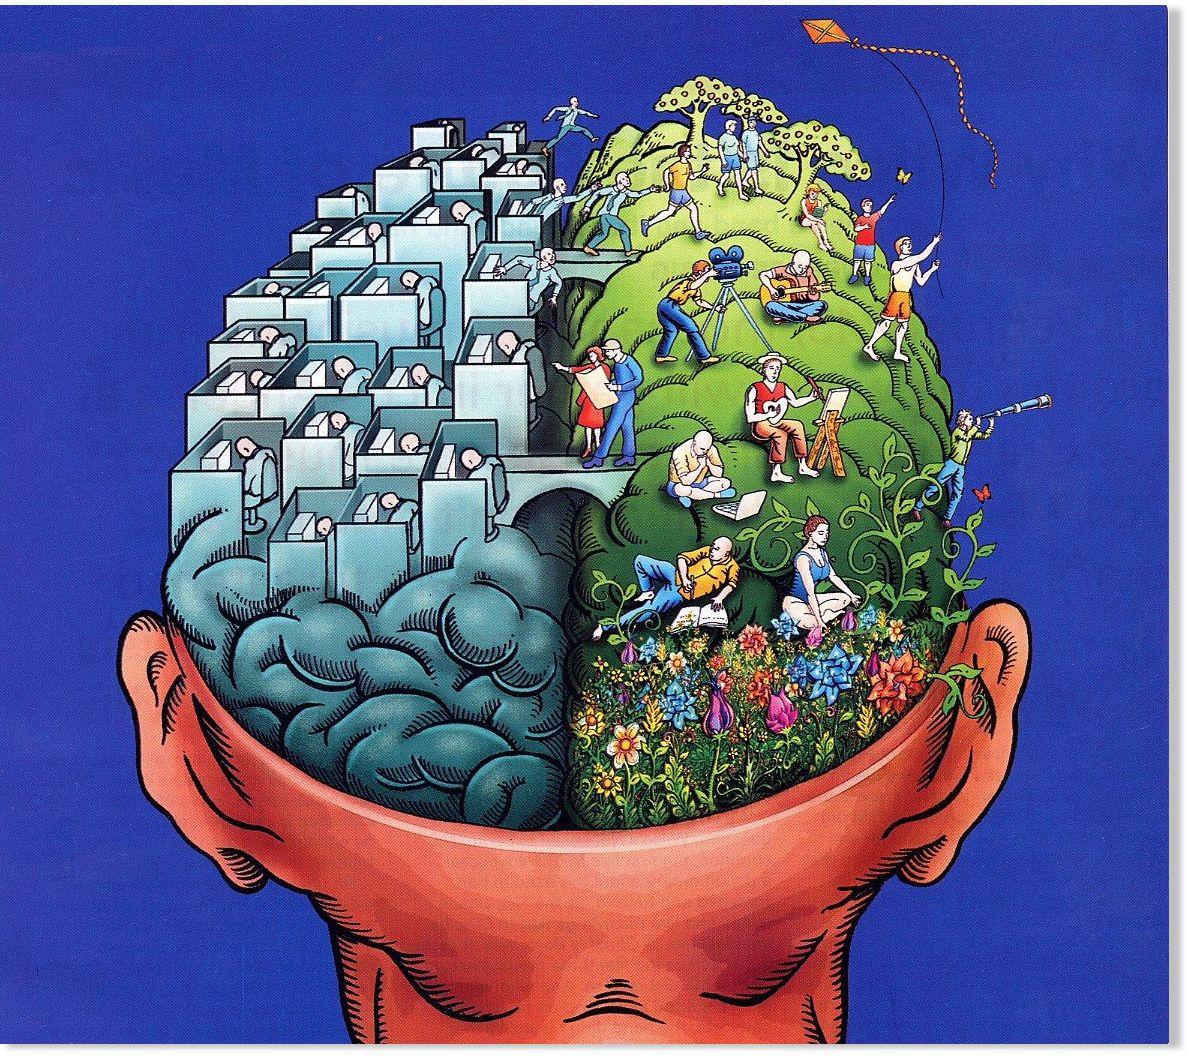 правое полушарие. правое полушарие мозга. левое и правое полушарие. правое полушарие мозга отвечает за. в правом полушарии. правое и левое полушарие мозга. за что отвечает правое полушарие. правое полушарие головного мозга. развитие правого полушария. функции правого полушария. развитие правого полушария мозга. функции левого и правого полушария. как развить правое полушарие. функции правого полушария мозга. рисование правым полушарием. работа правого полушария. отвечает правое полушарие головного мозга. люди с правым полушарием. функции правого полушария головного мозга. доминирует правое полушарие. рисование правым полушарием мозга. развитие правого полушария мозга упражнения. в правом полушарии происходит. упражнения для правого полушария. работа правого и левого полушария. работа правого полушария мозга.  развитие правого и левого полушария. восприятие правое полушарие. больше развито правое полушарие. более развито правое полушарие.